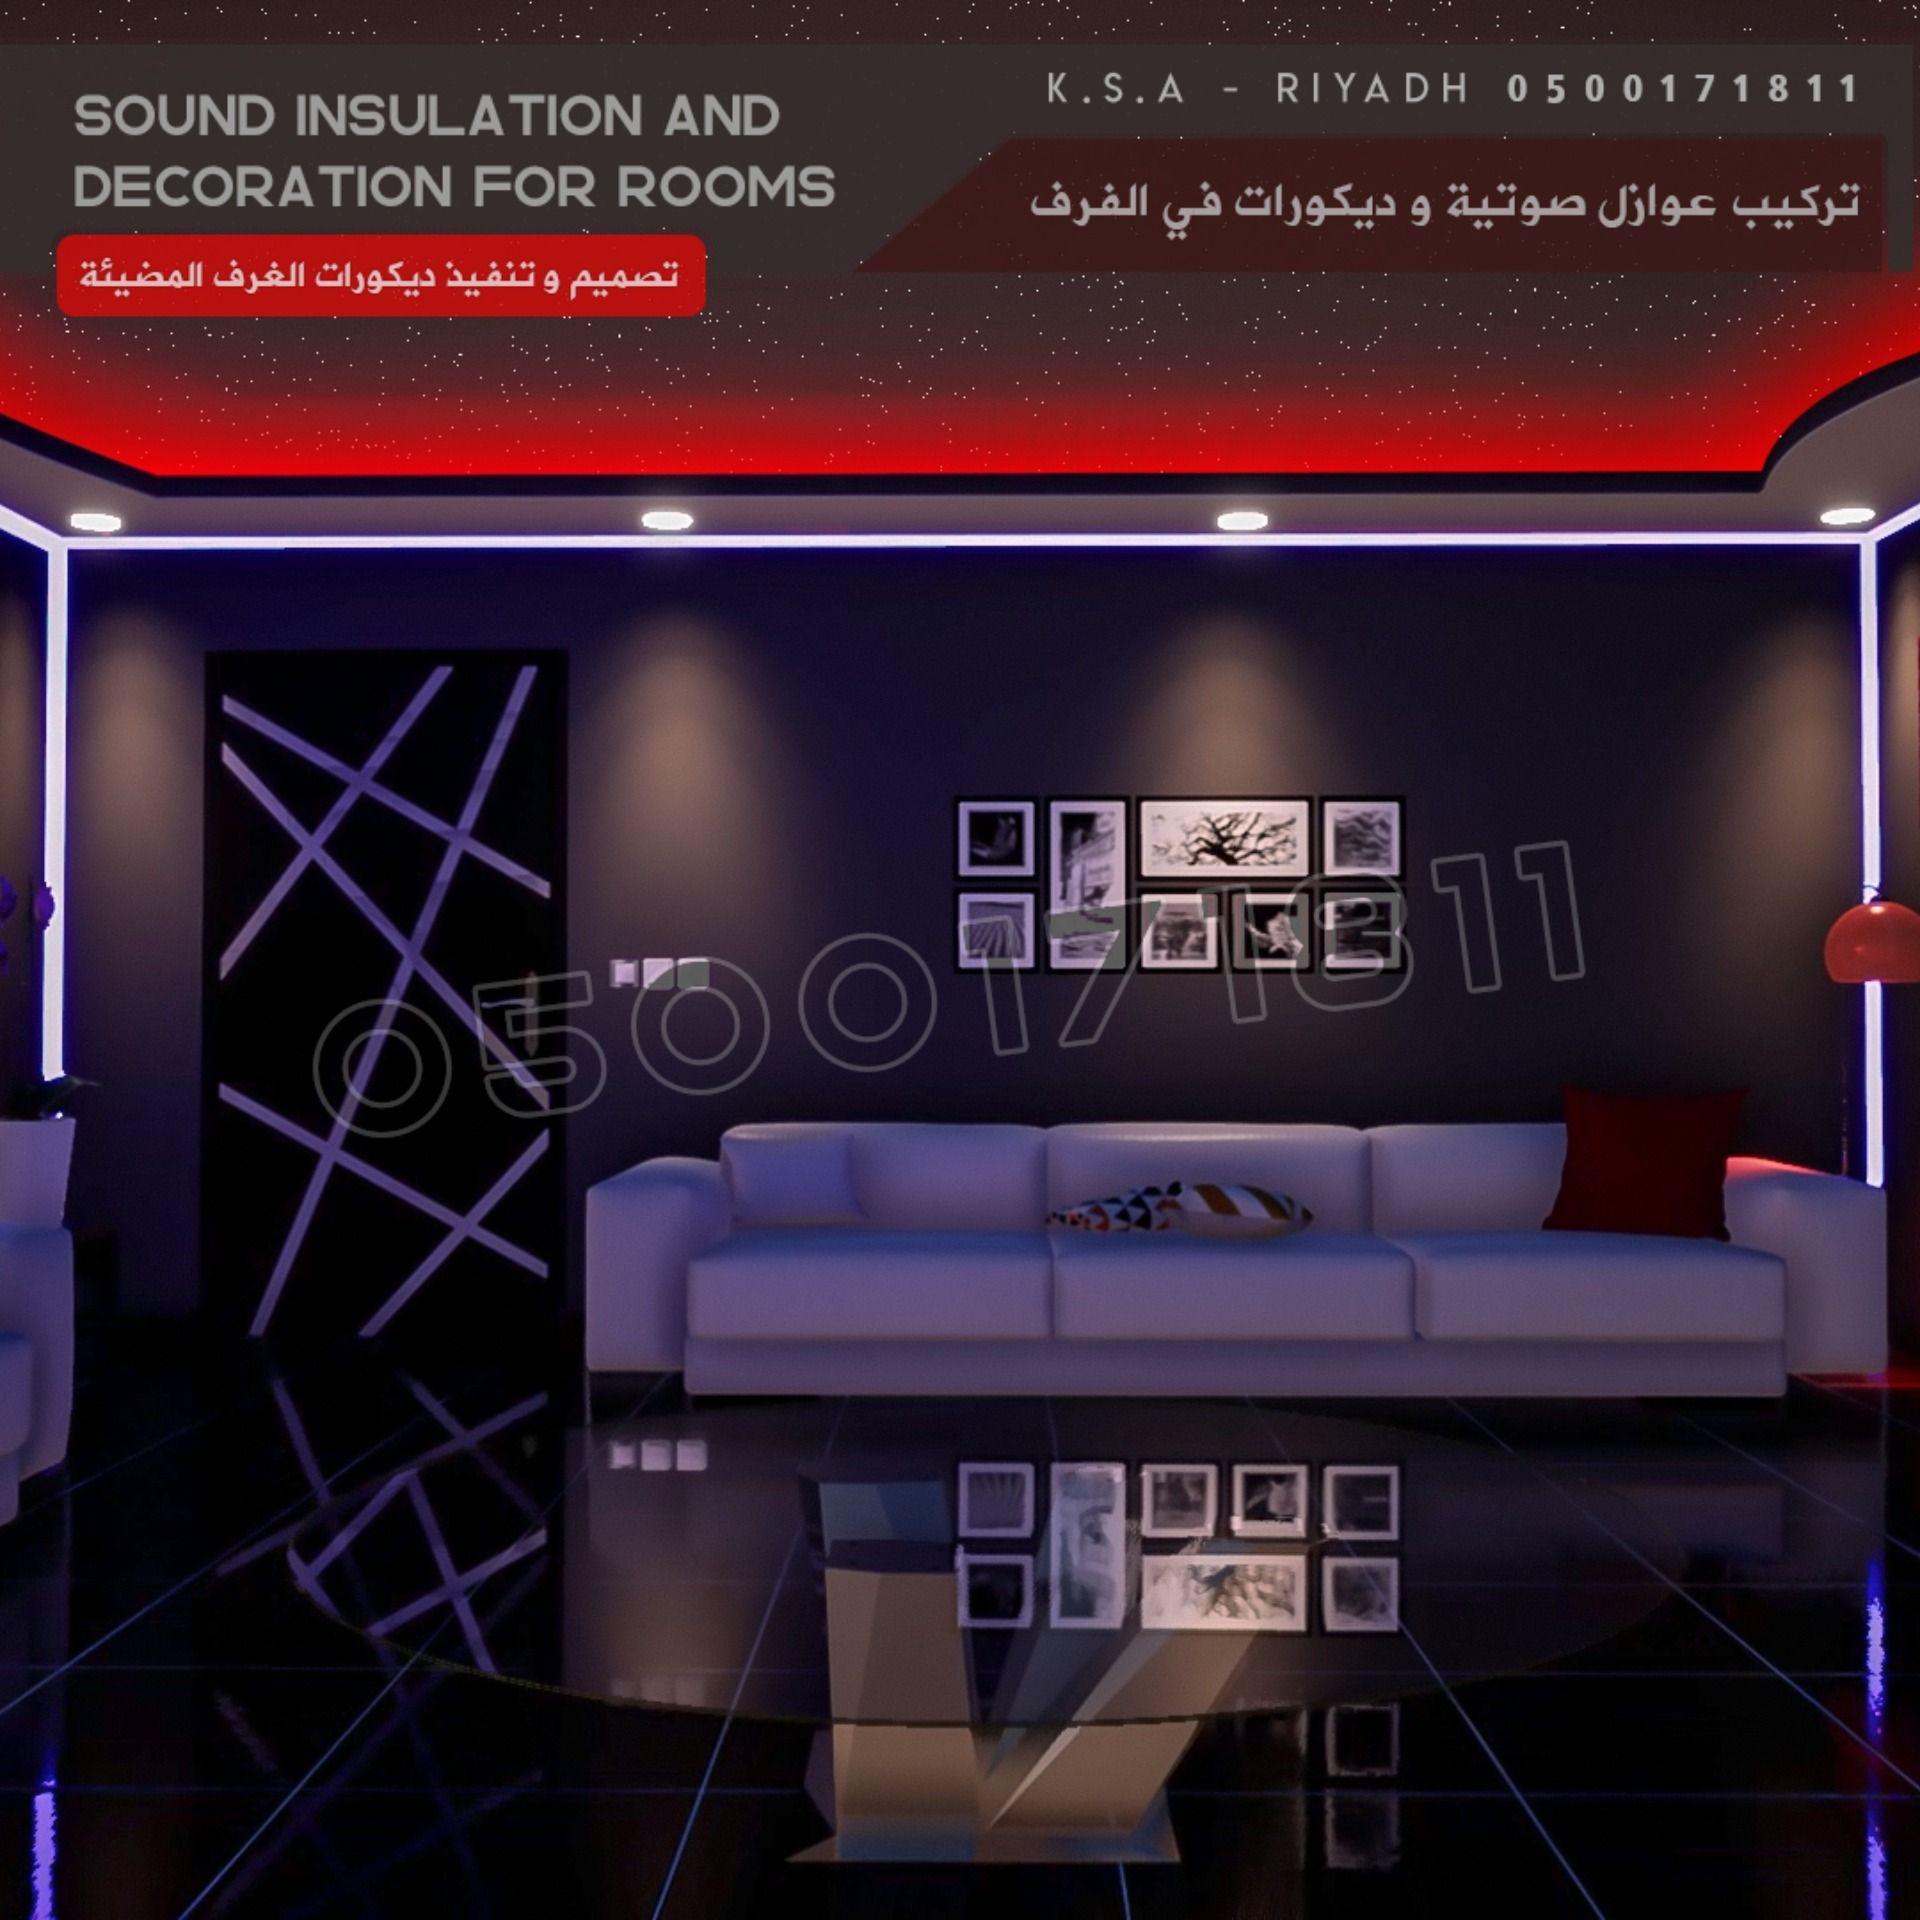 تركيب عوازل صوتية و ديكورات الرياض Sound Insulation Room Room Decor